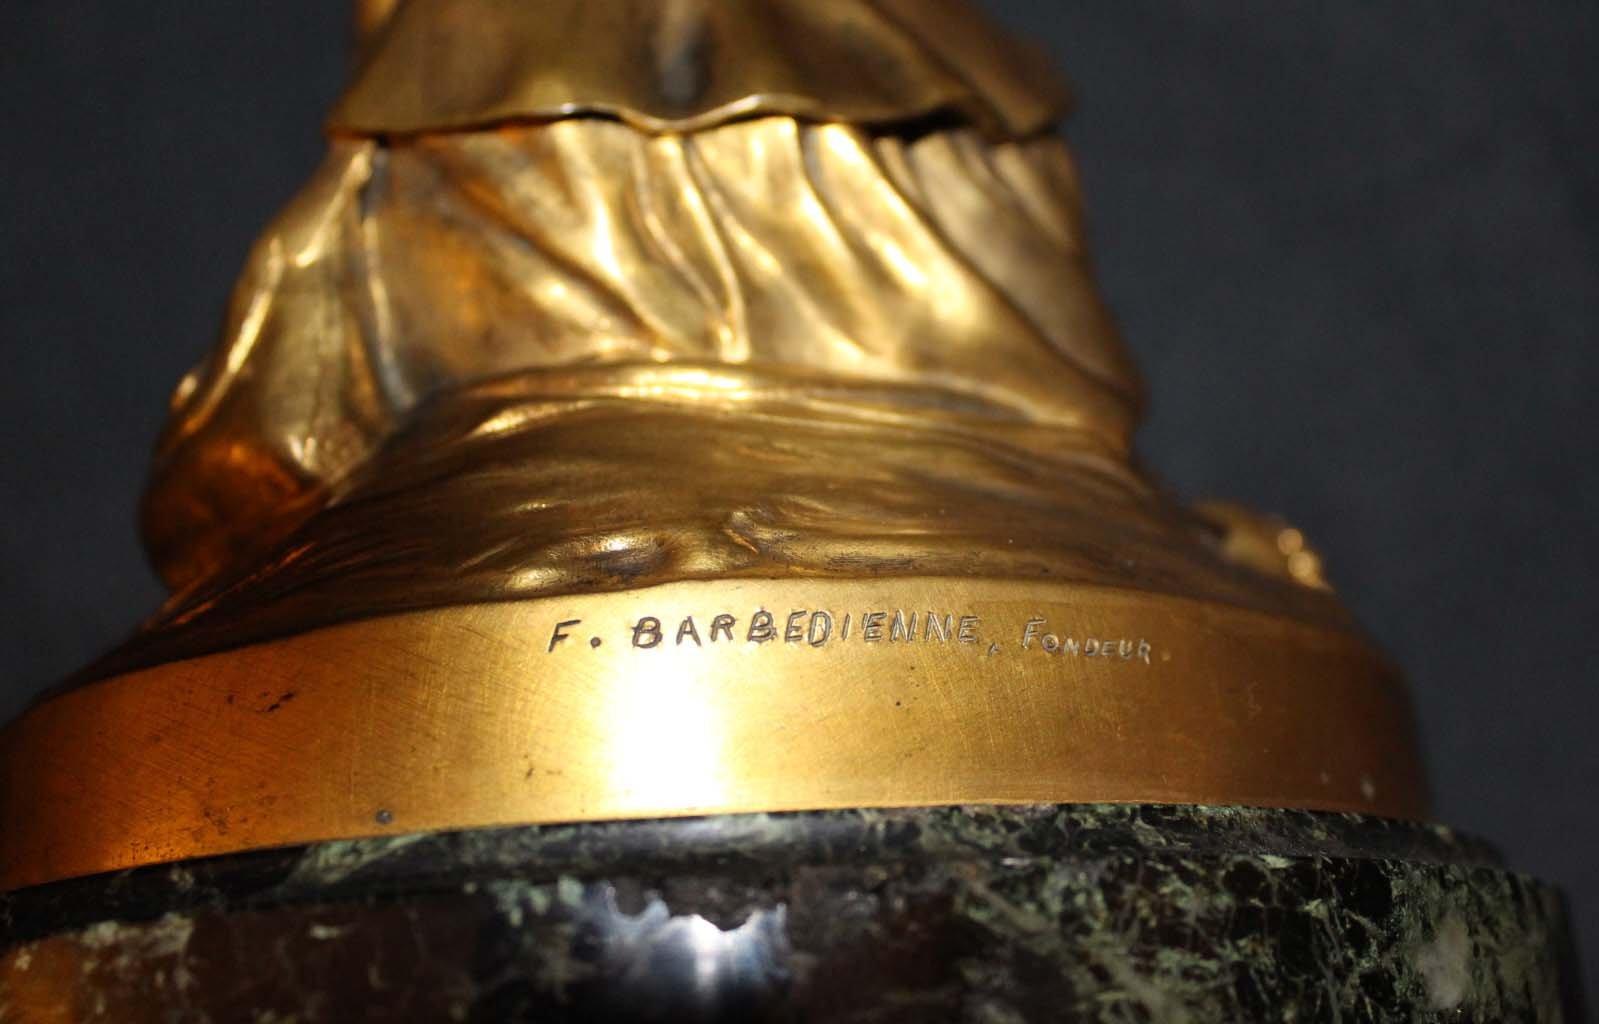 galerie-bosetti-antiquites sculpture Jeanne d'Arc, marque BARBEDIENNE